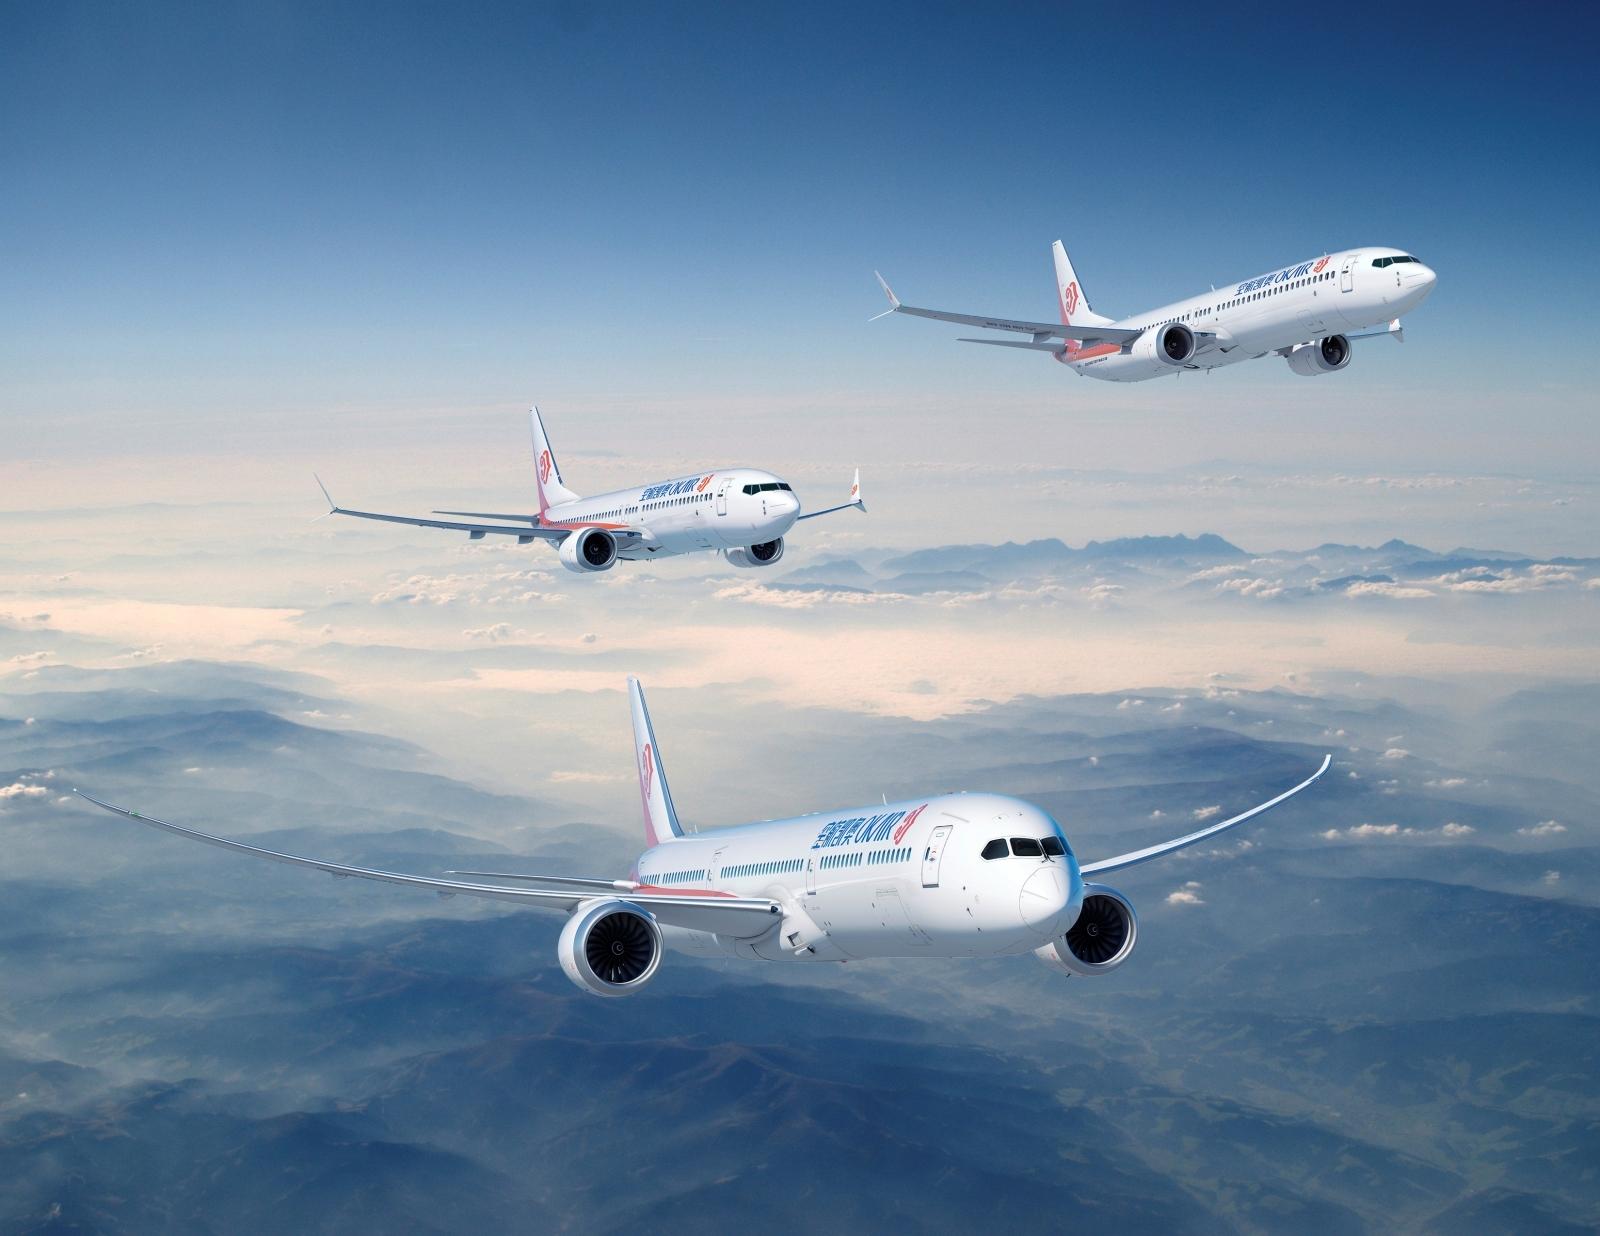 Boeing geese flight trick efficiency